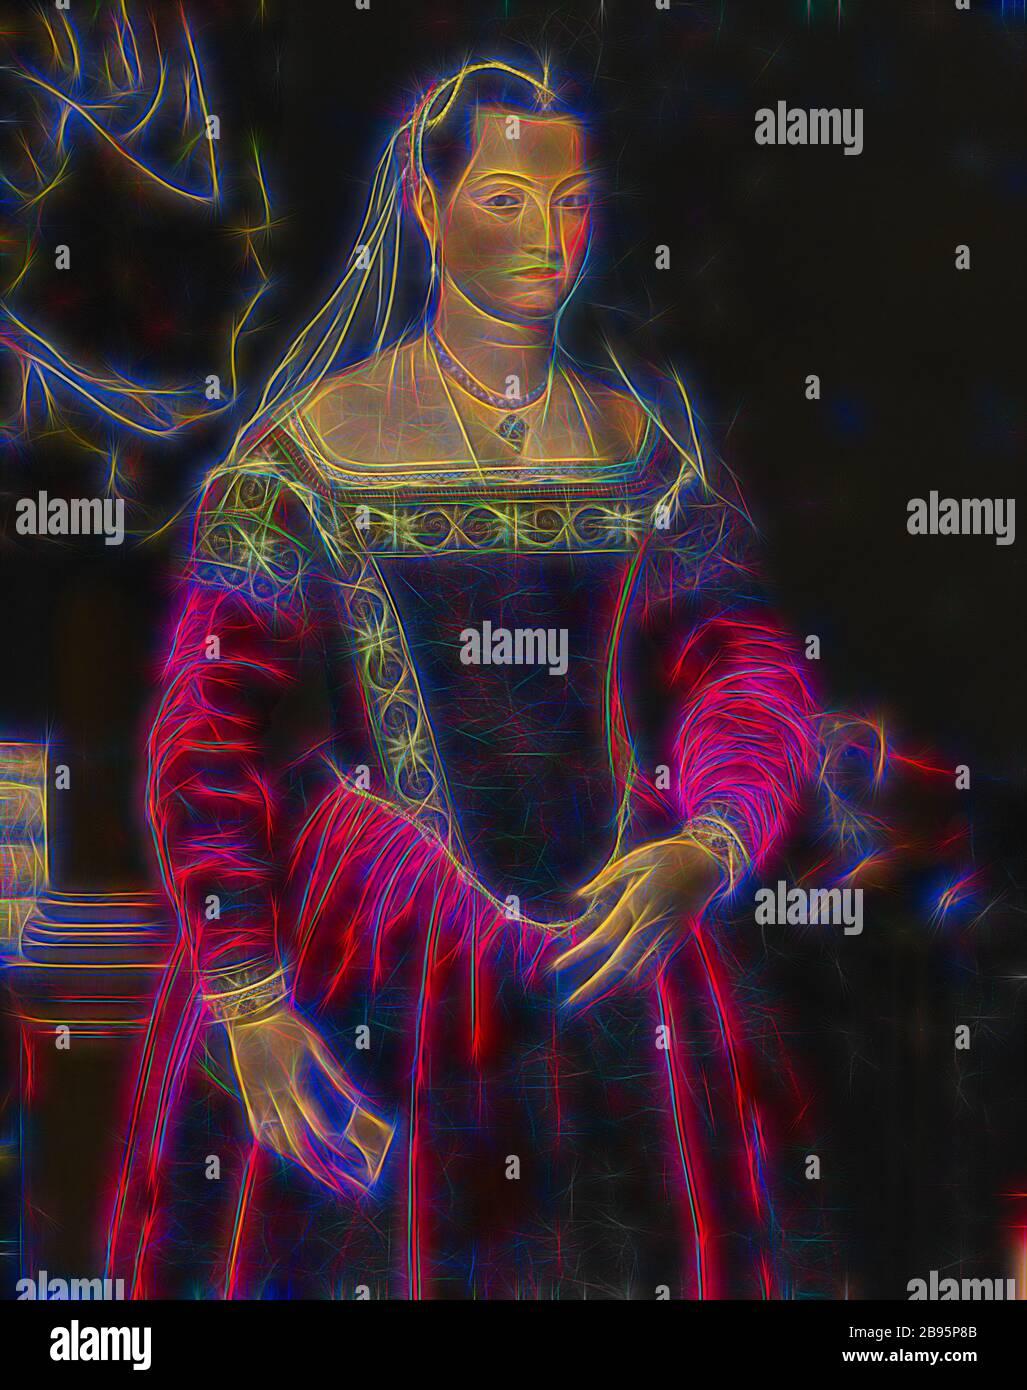 Retrato de una dama, Jacopo Zucchi (italiano, 1540-1596), about1560, óleo sobre lienzo, 48 x 37-3/4 pulgadas (lona) aproximadamente 63-1/2 x 54-1/4 x 4-1/2 pulg. (Enmarcado), Pintura Europea y Escultura antes de 1800, Reimaginado por Gibon, diseño de cálido y alegre resplandor de brillo y rayos de luz. Arte clásico reinventado con un toque moderno. Fotografía inspirada en el futurismo, abrazando la energía dinámica de la tecnología moderna, el movimiento, la velocidad y la revolución de la cultura. Foto de stock